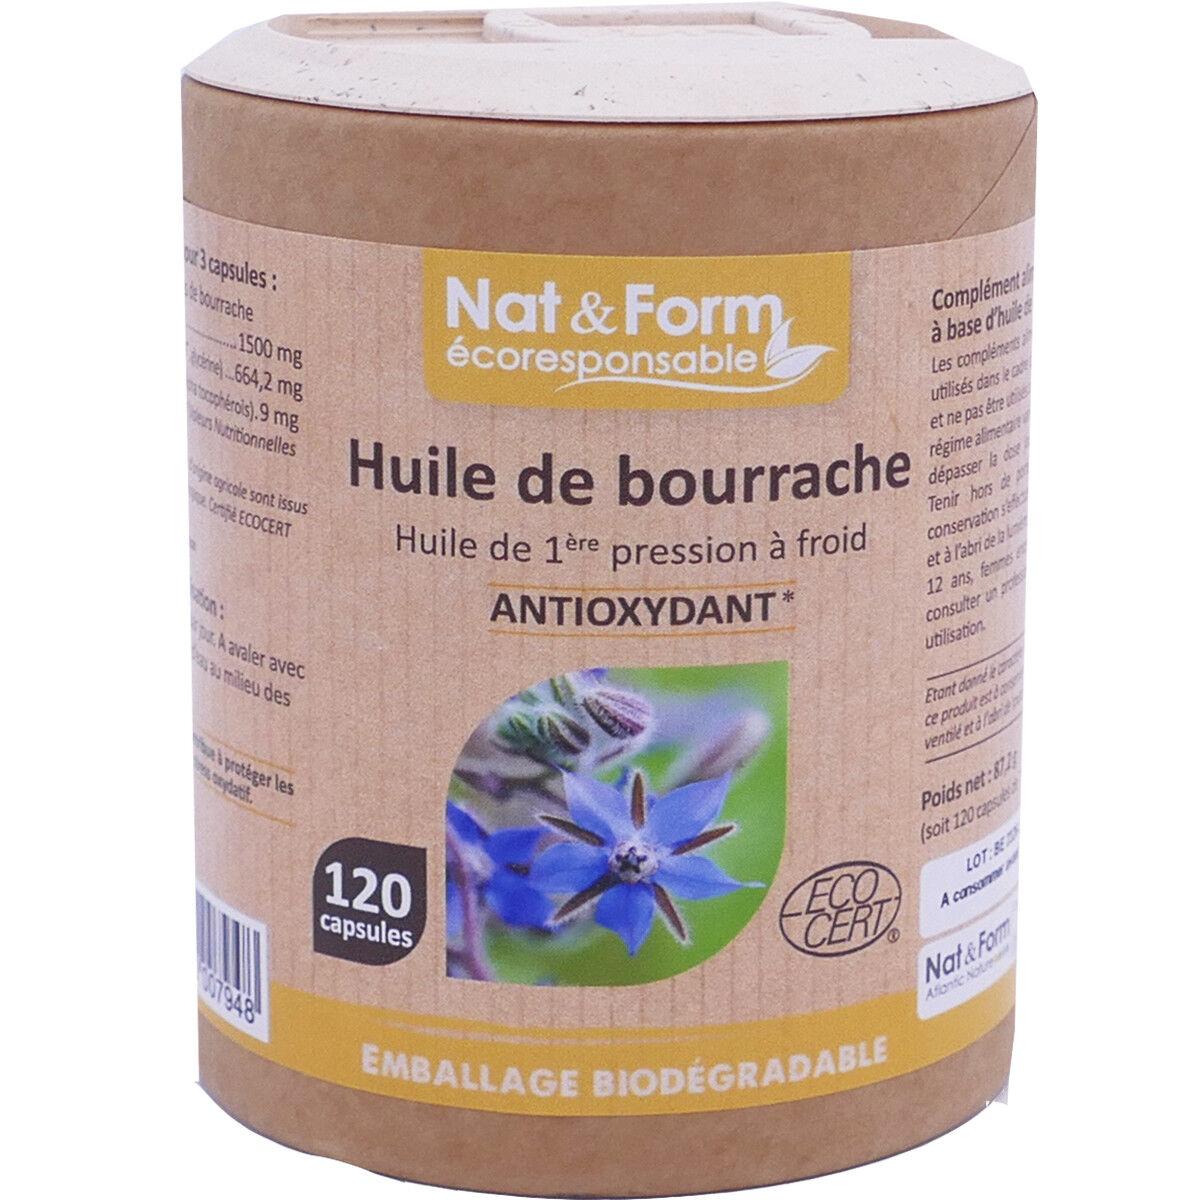 Nat & form hulie de bourrache antioxydant 120 capsules